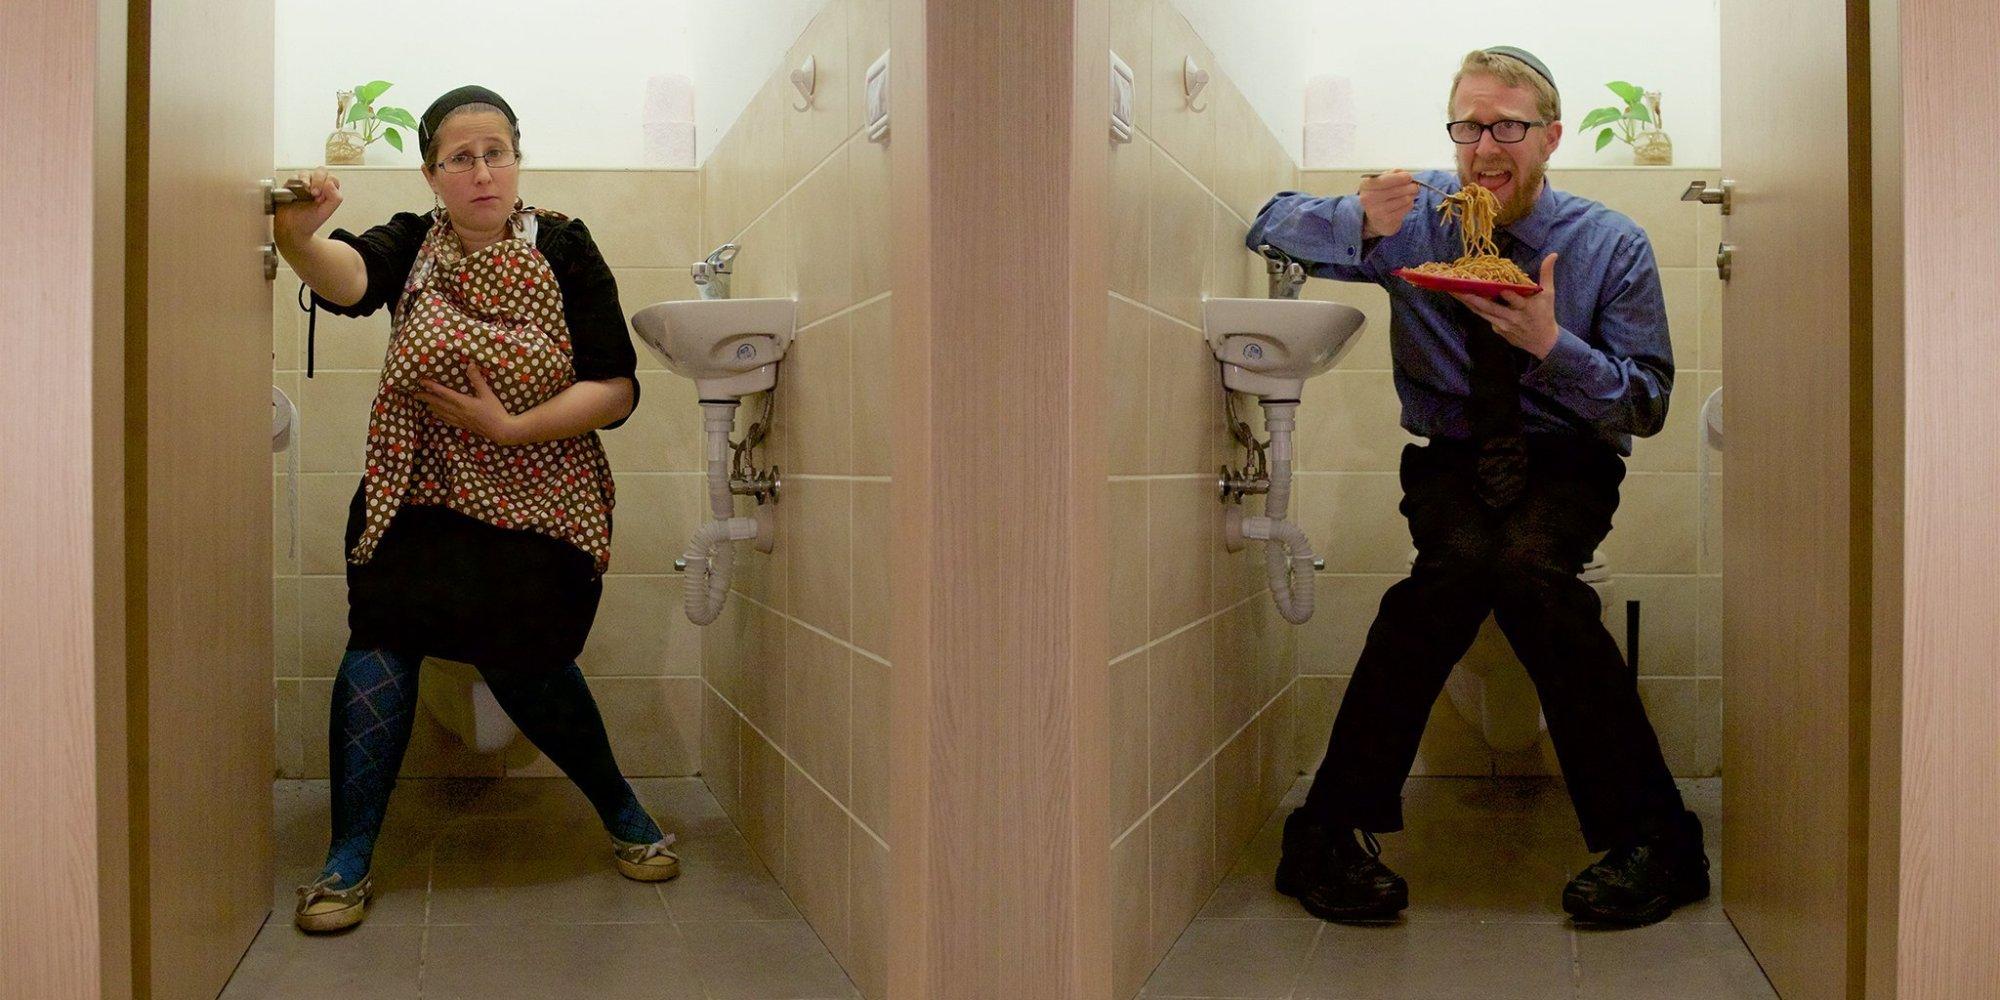 Пьяную ебут в туалет, Парни поимели пьяную тёлку в туалете клуба смотреть 5 фотография